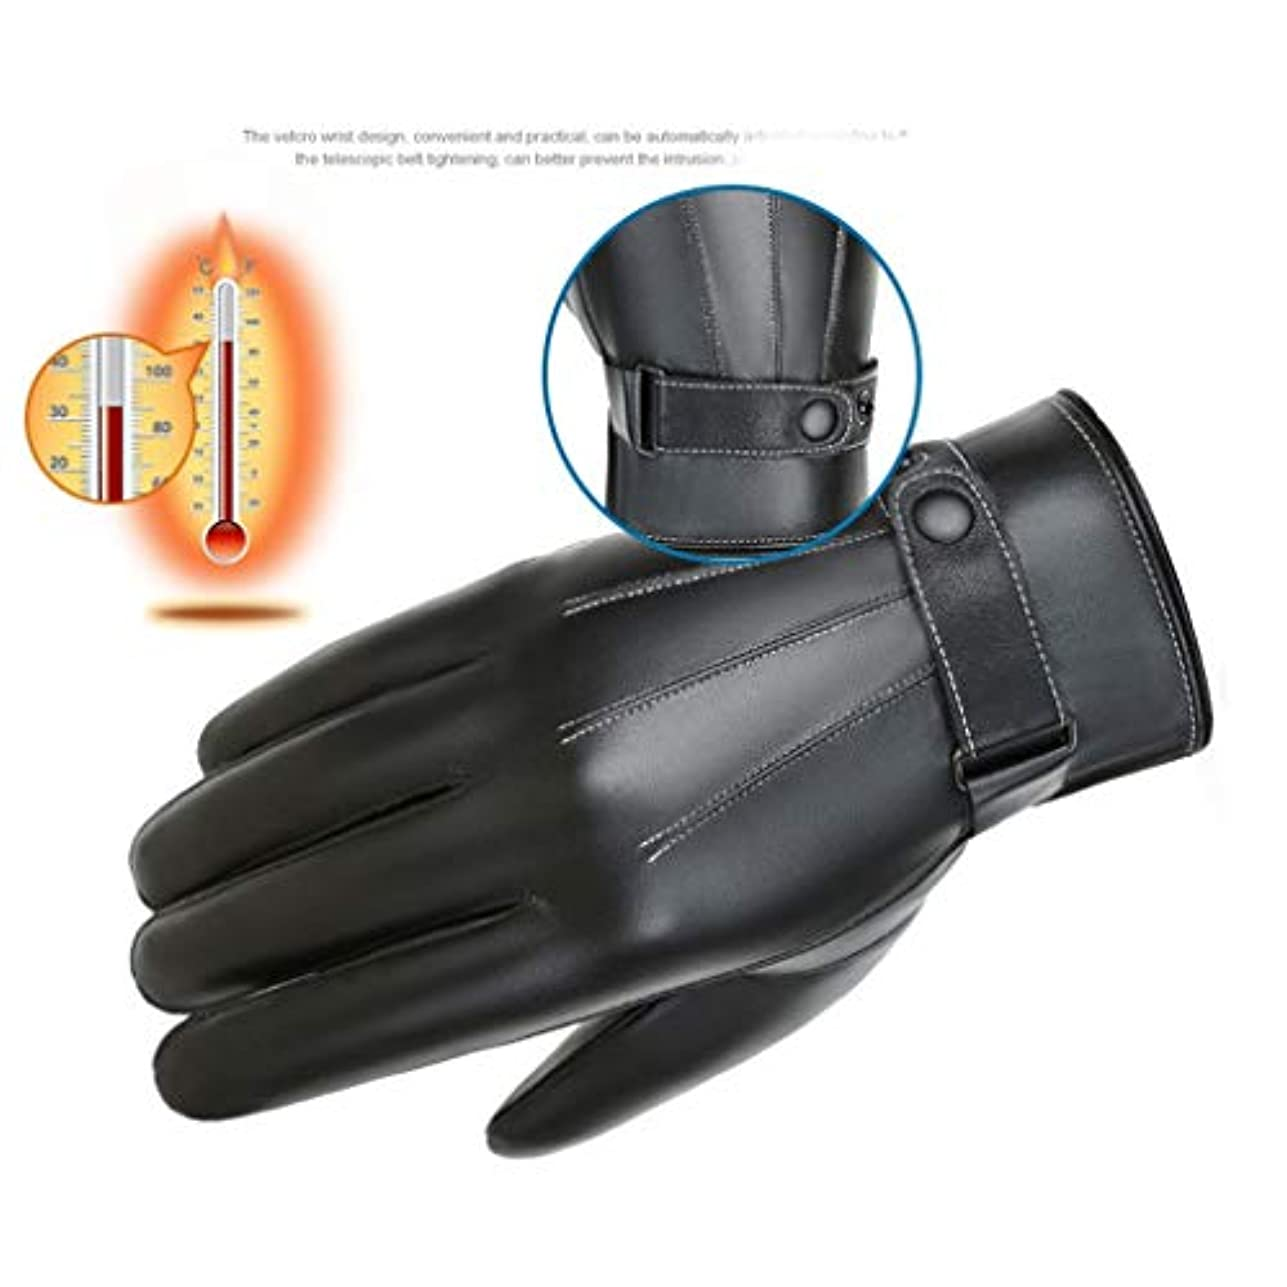 論理的につかの間間違いなくタッチスクリーンのメンズグローブ冬プラスベルベット厚い暖かい防風防水ライドバイクバイクの乗り物の手袋